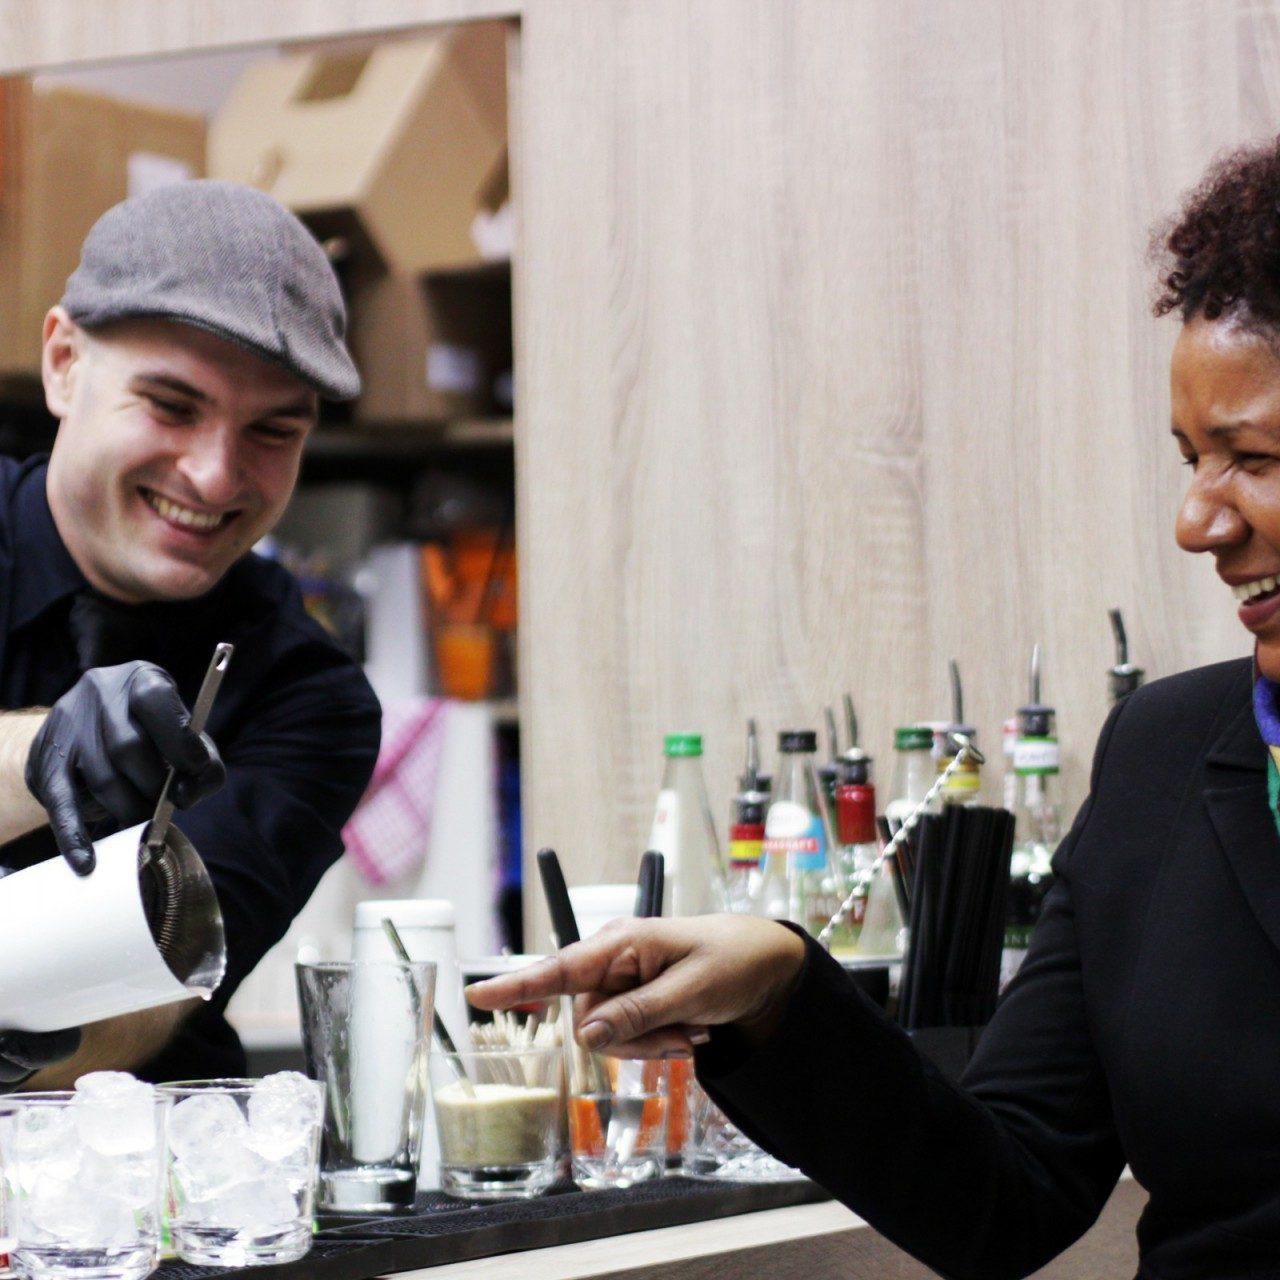 Barkeeper an der Messe Berlin. Gäste lächeln